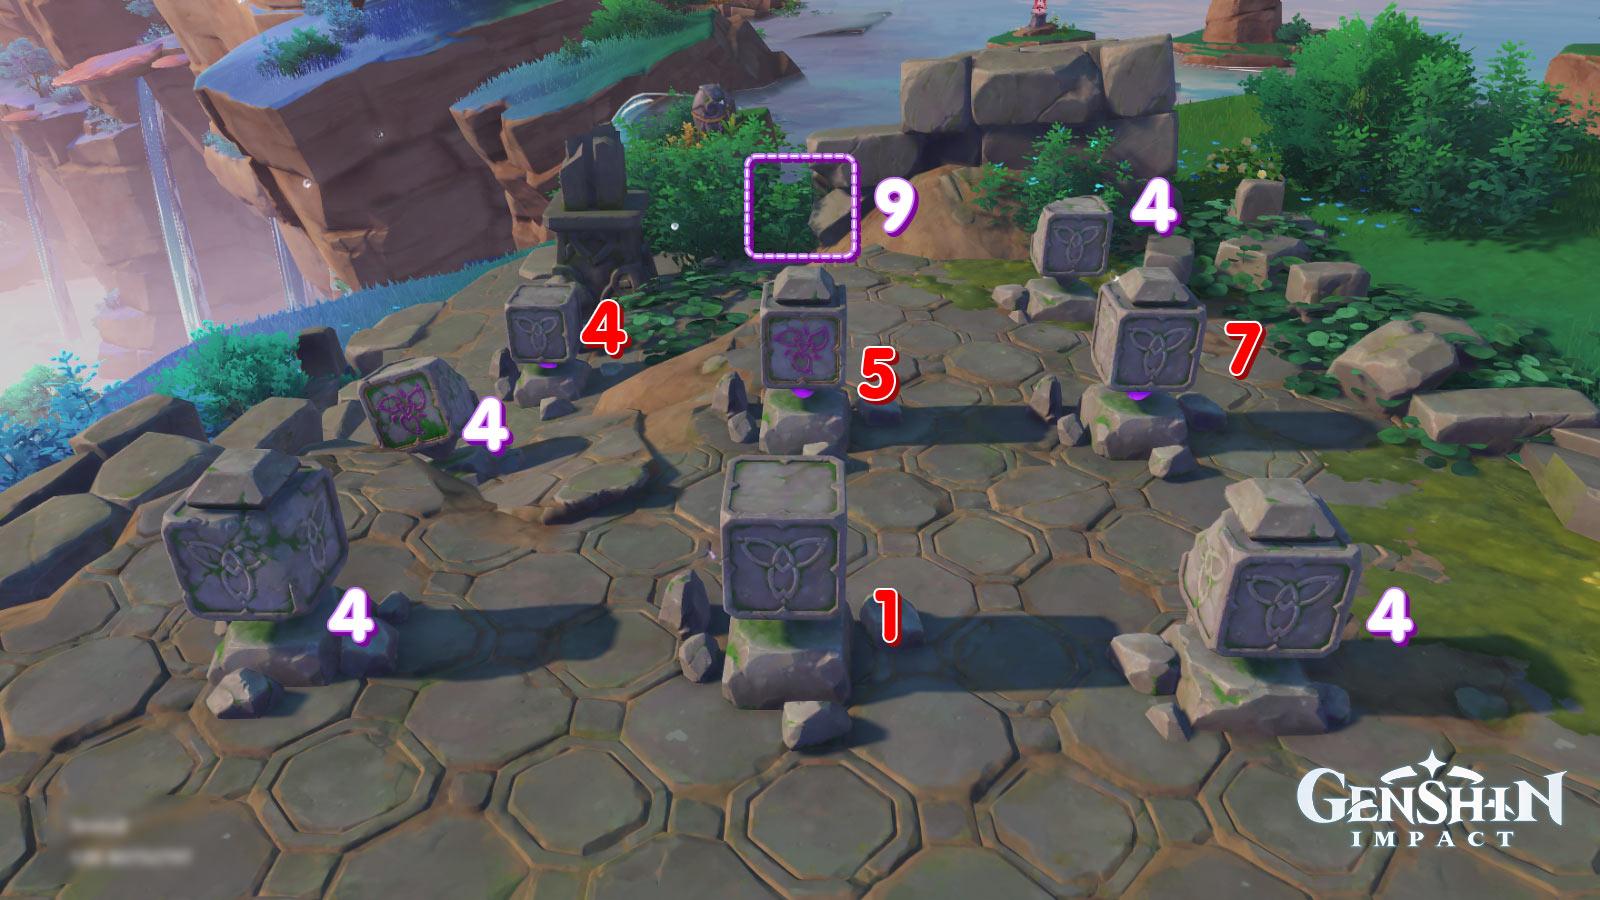 Genshin Impact ปริศนาแท่นหิน 9 ช่อง รูปแบบที่ 2